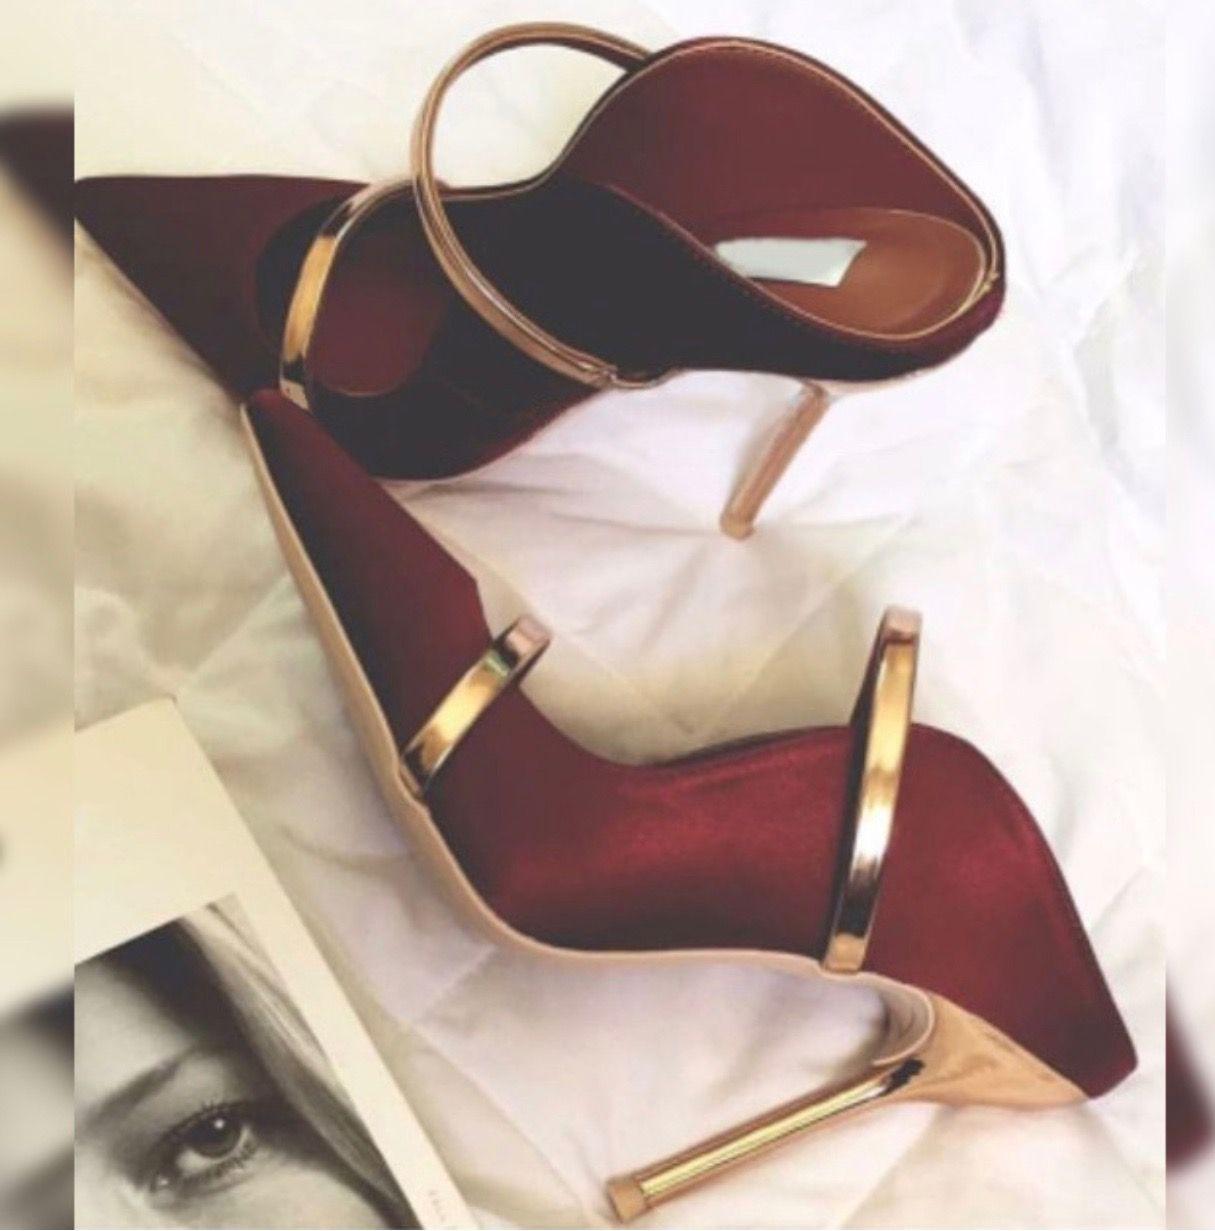 stiletto | Heels, Heel slippers